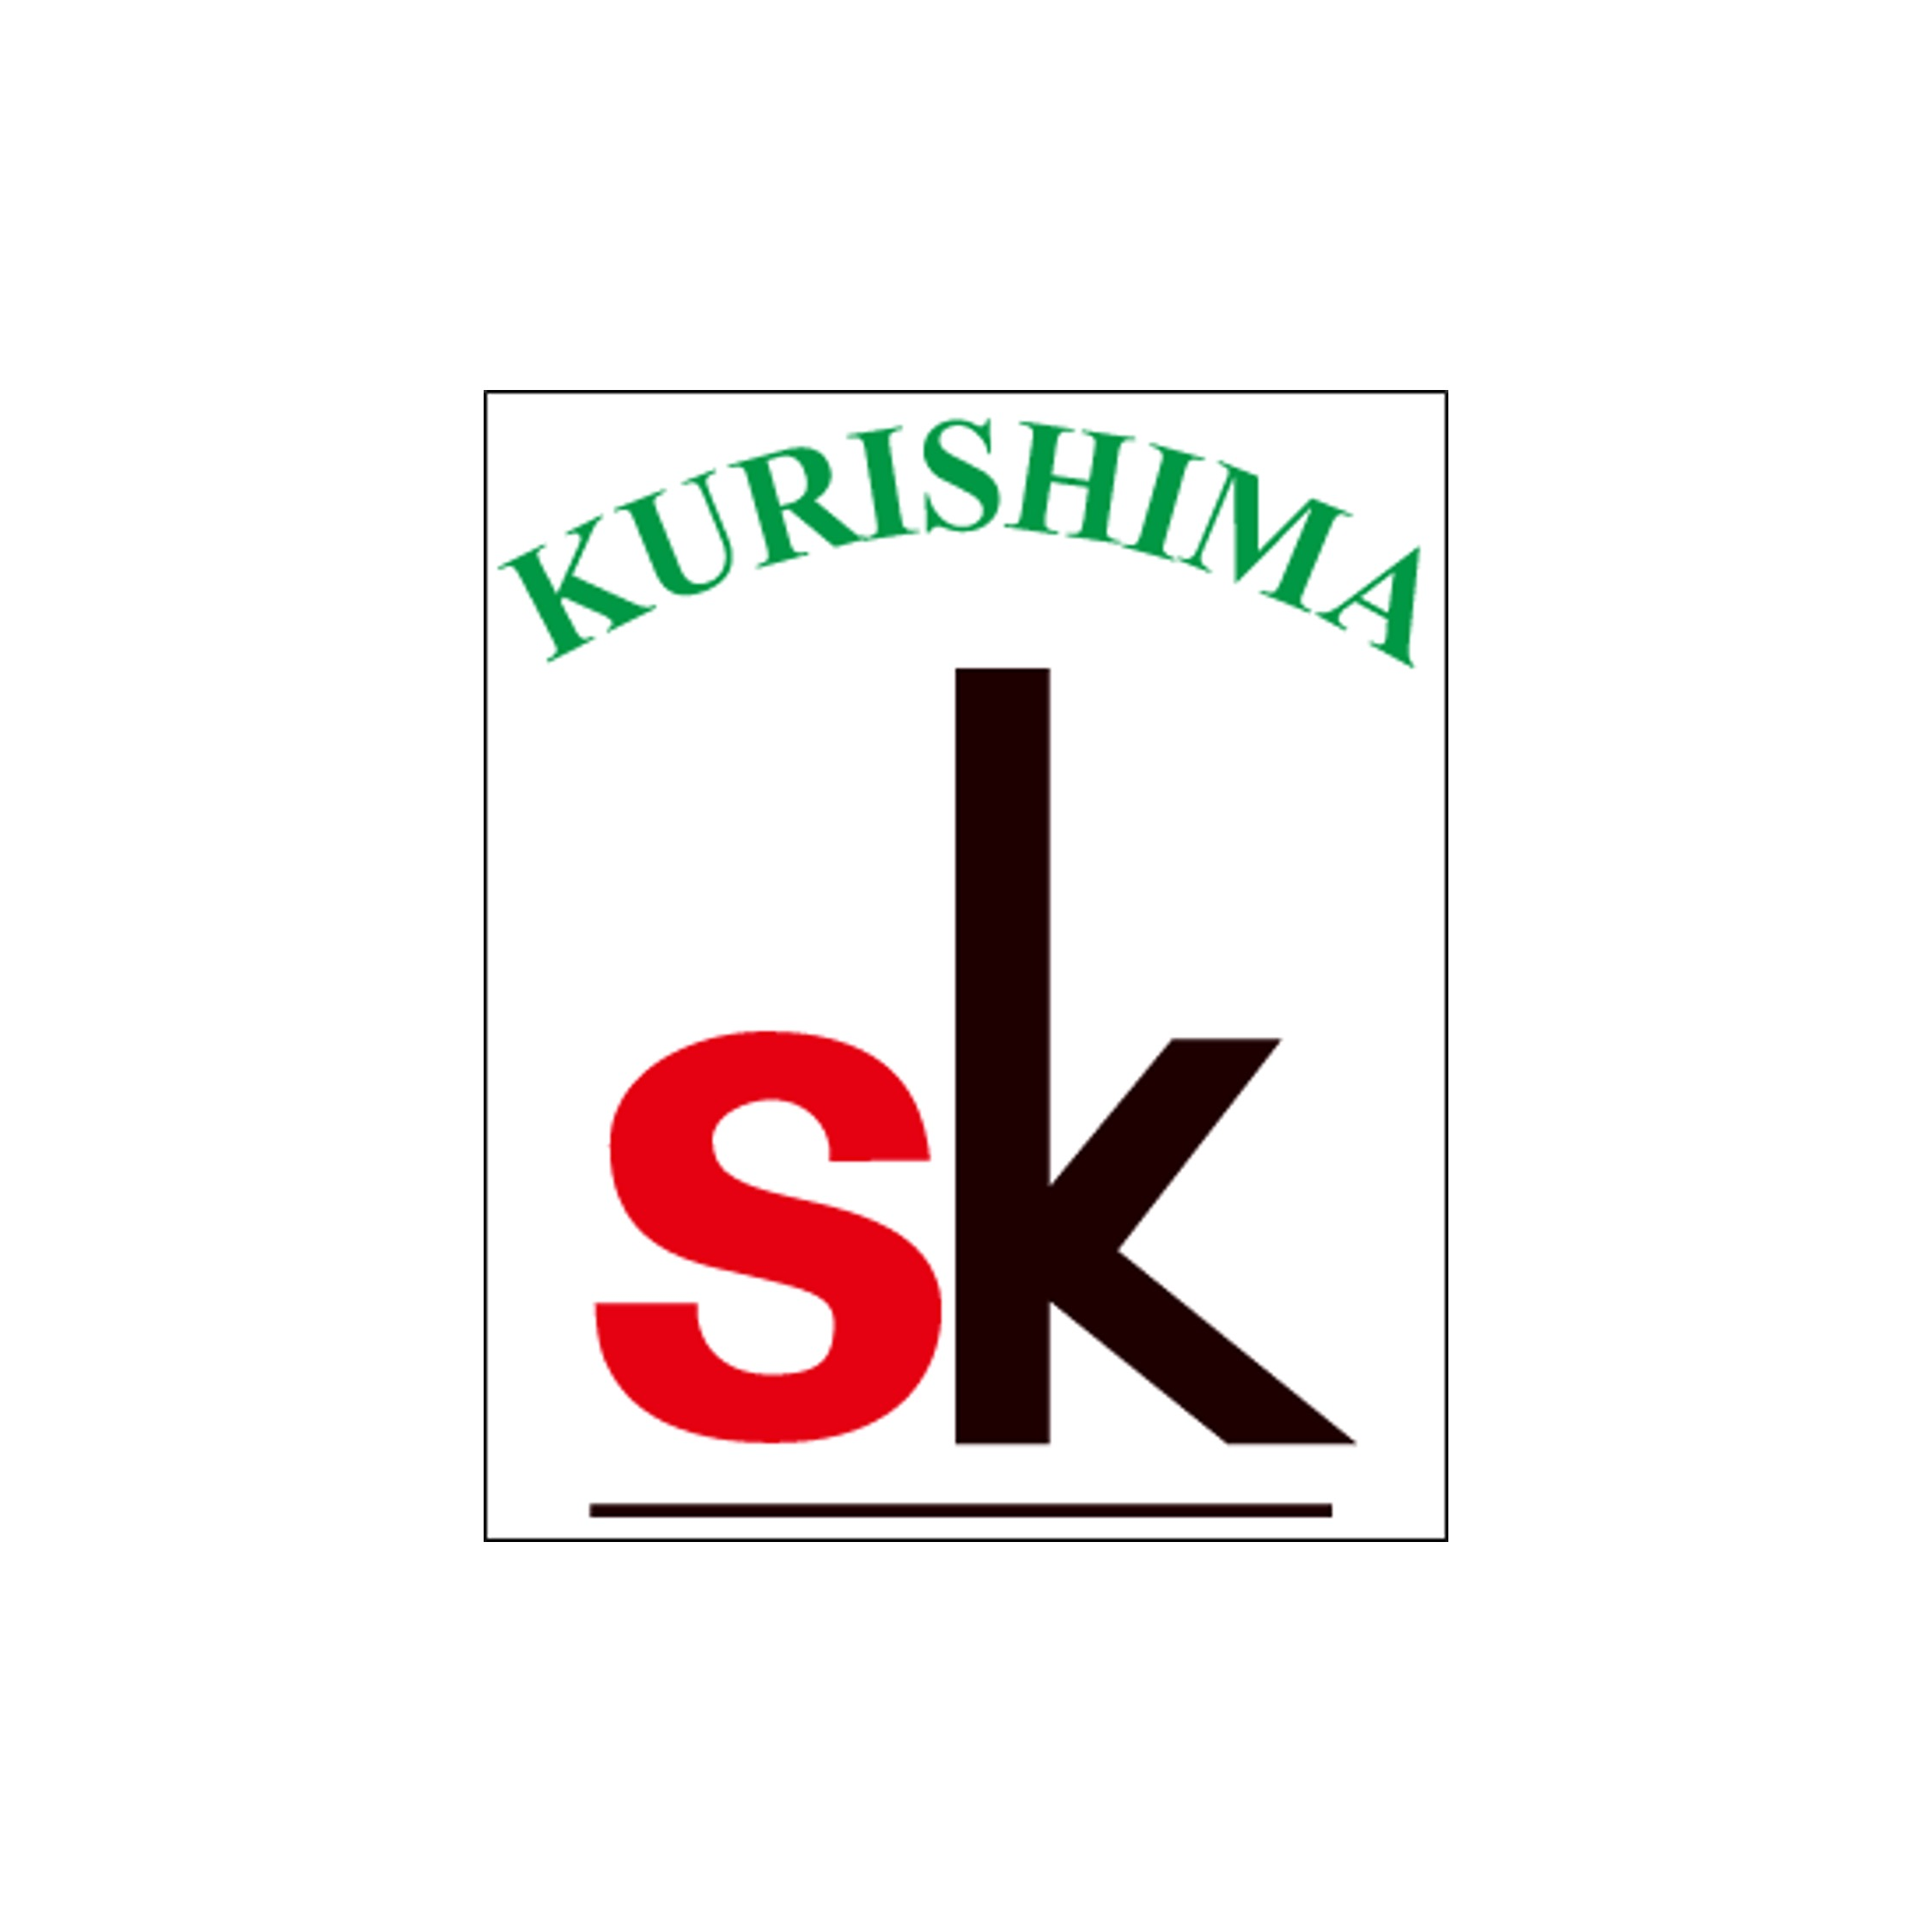 Logo superkurishima